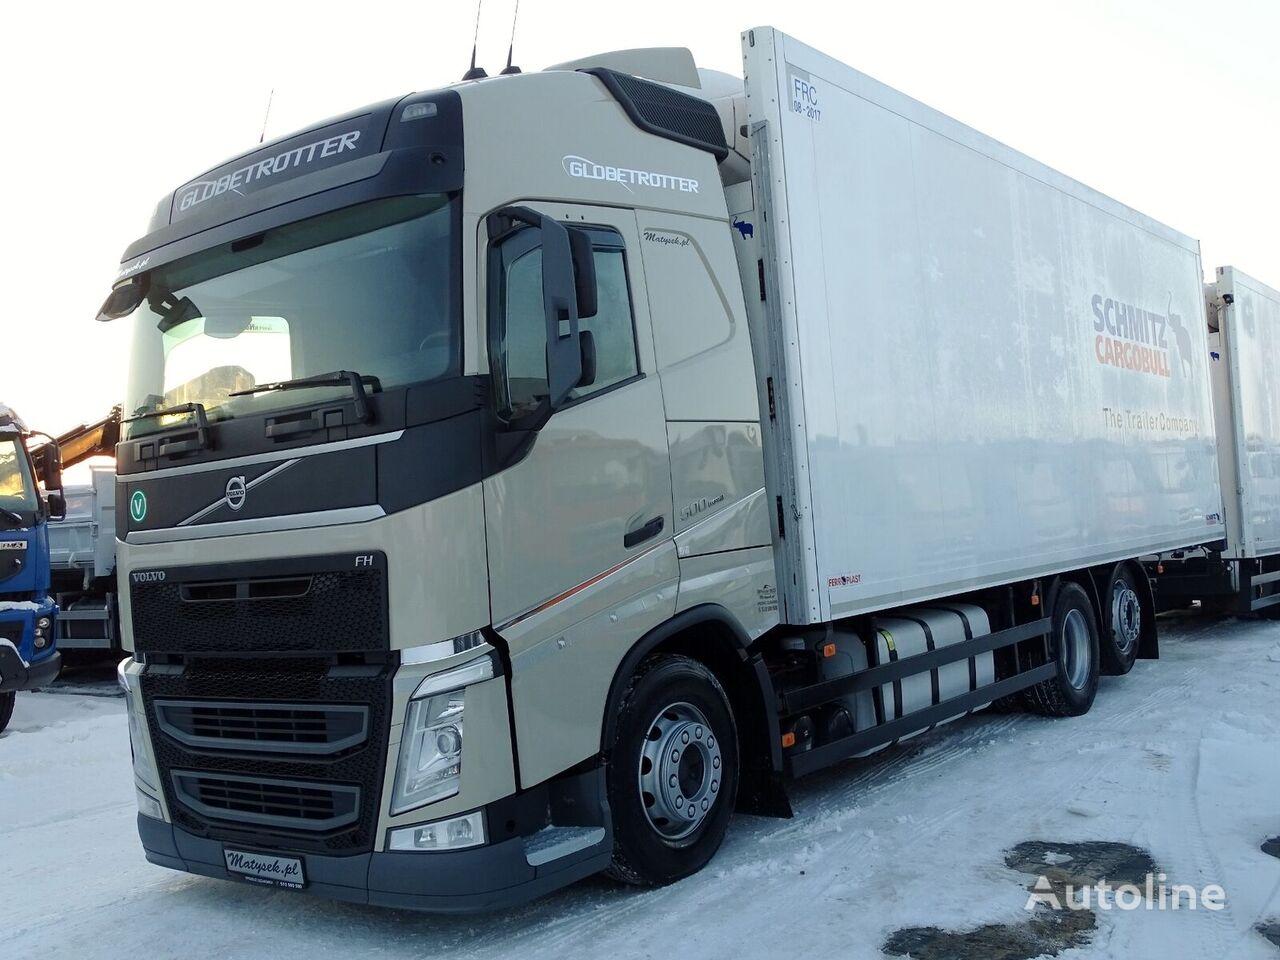 VOLVO FH 500 / 6X2 / REFRIDGERATOR / 20 PALLETS / SCHMITZ / THERMO KIN koelwagen vrachtwagen